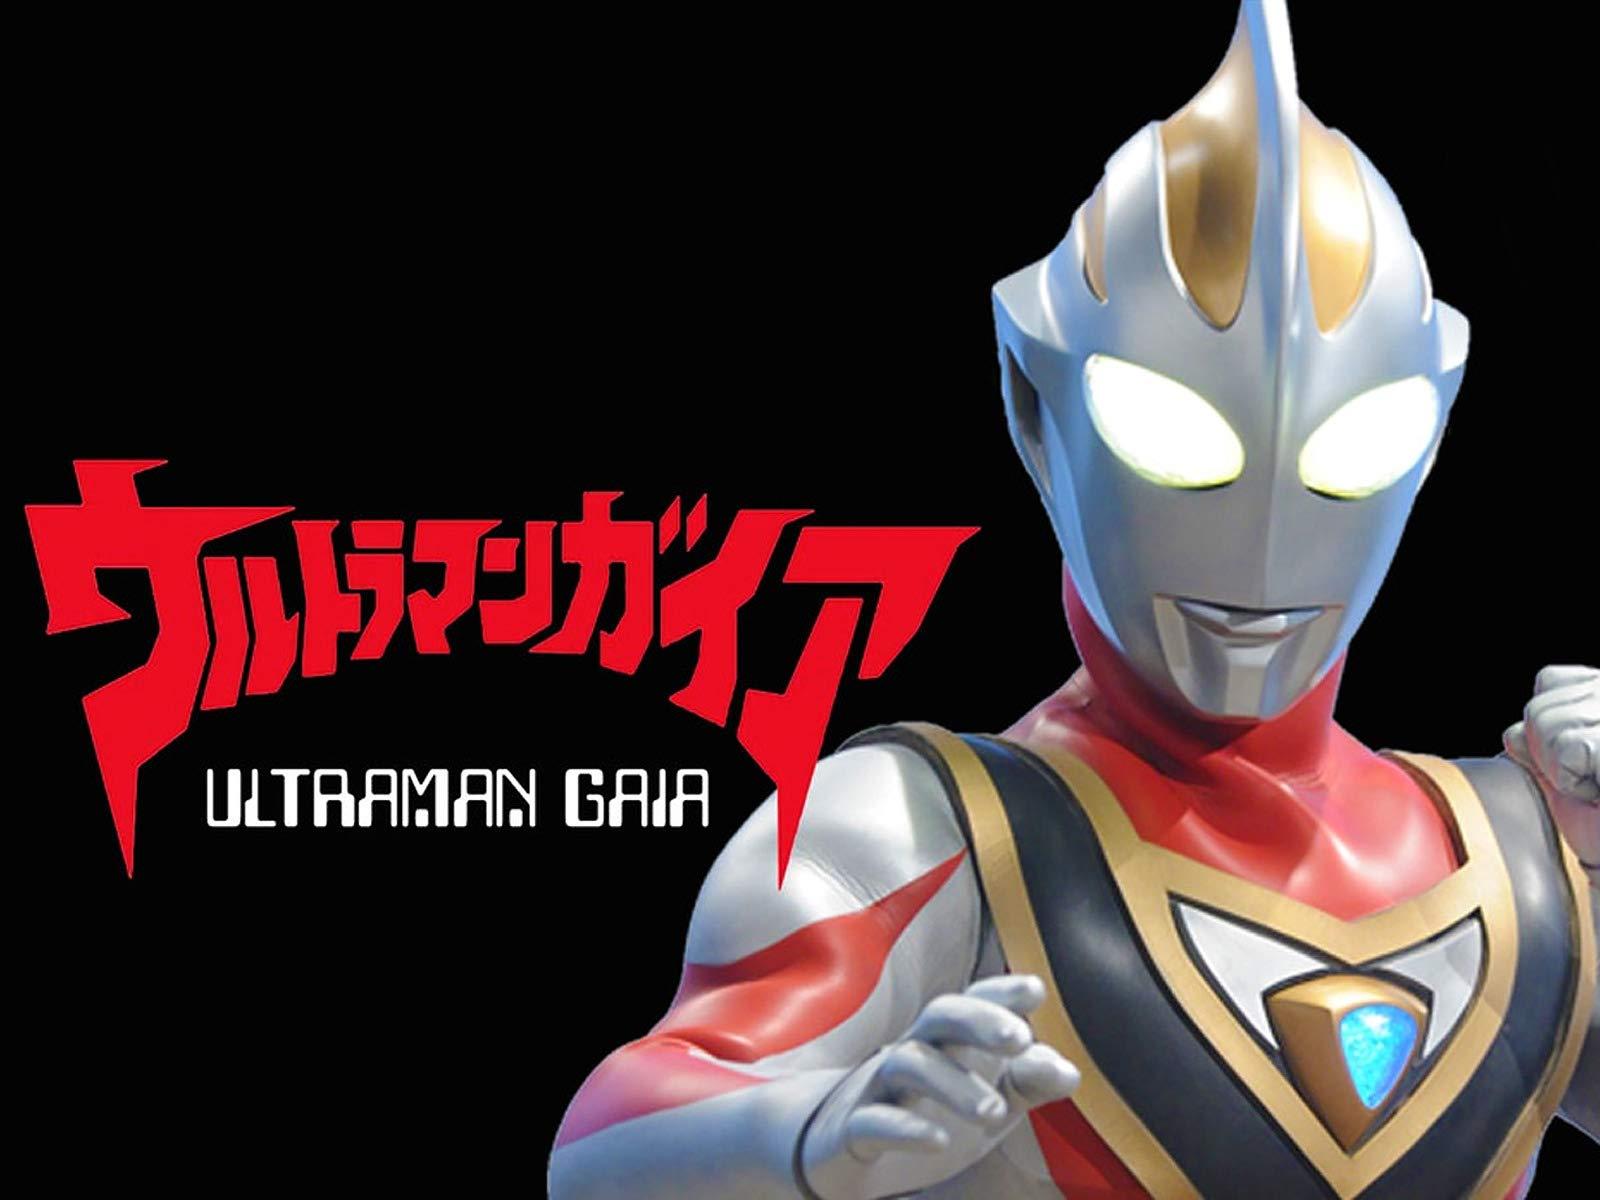 80+ Gambar Ultraman Gaia Terlihat Keren